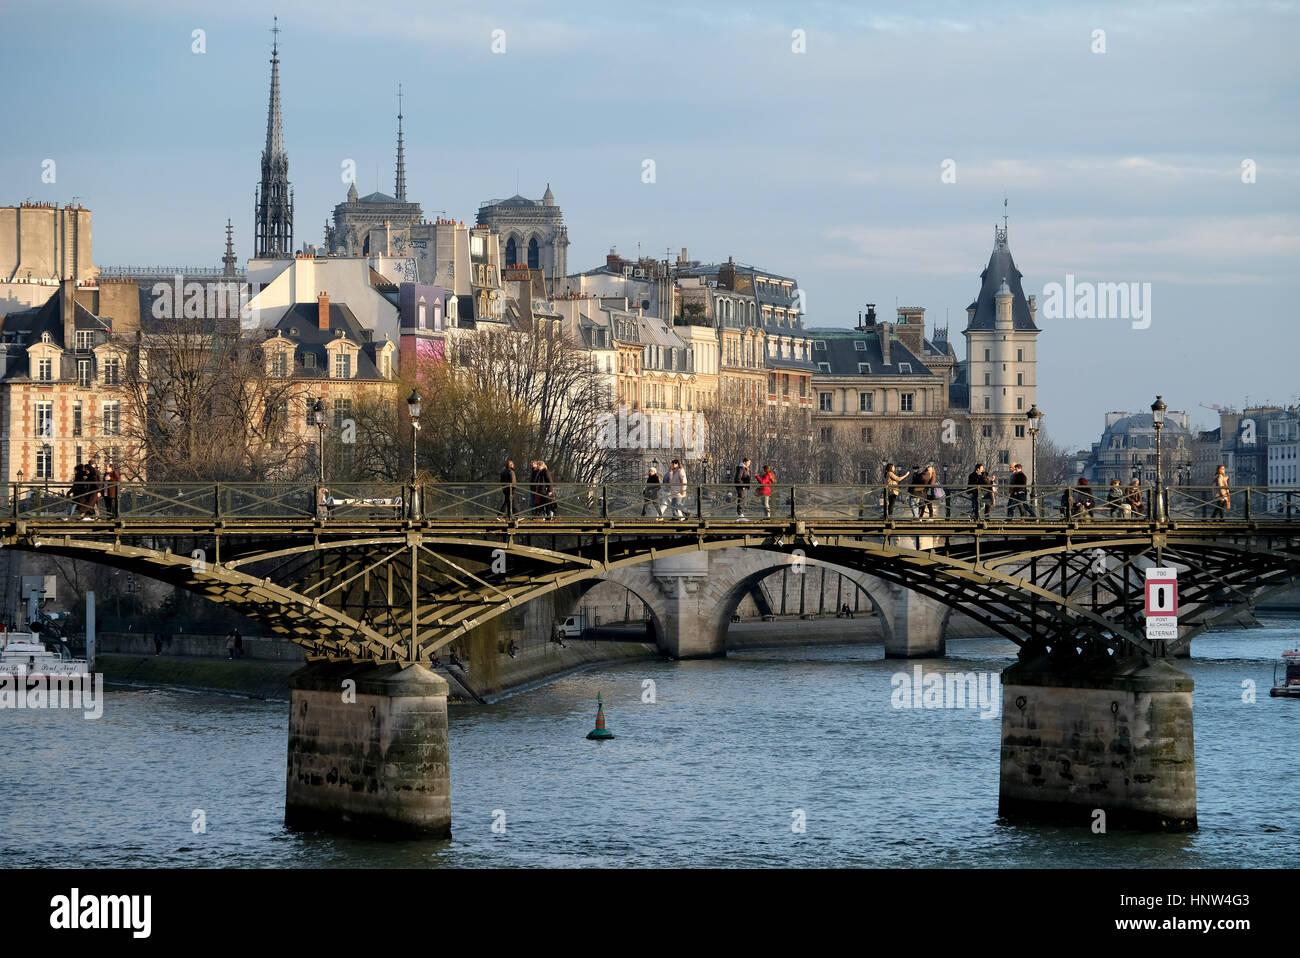 Le Pont Des Arts Ou Passerelle Des Arts Est Un Pont Pour Pi U00e9tons  U00e0 Paris Qui Traverse La Seine